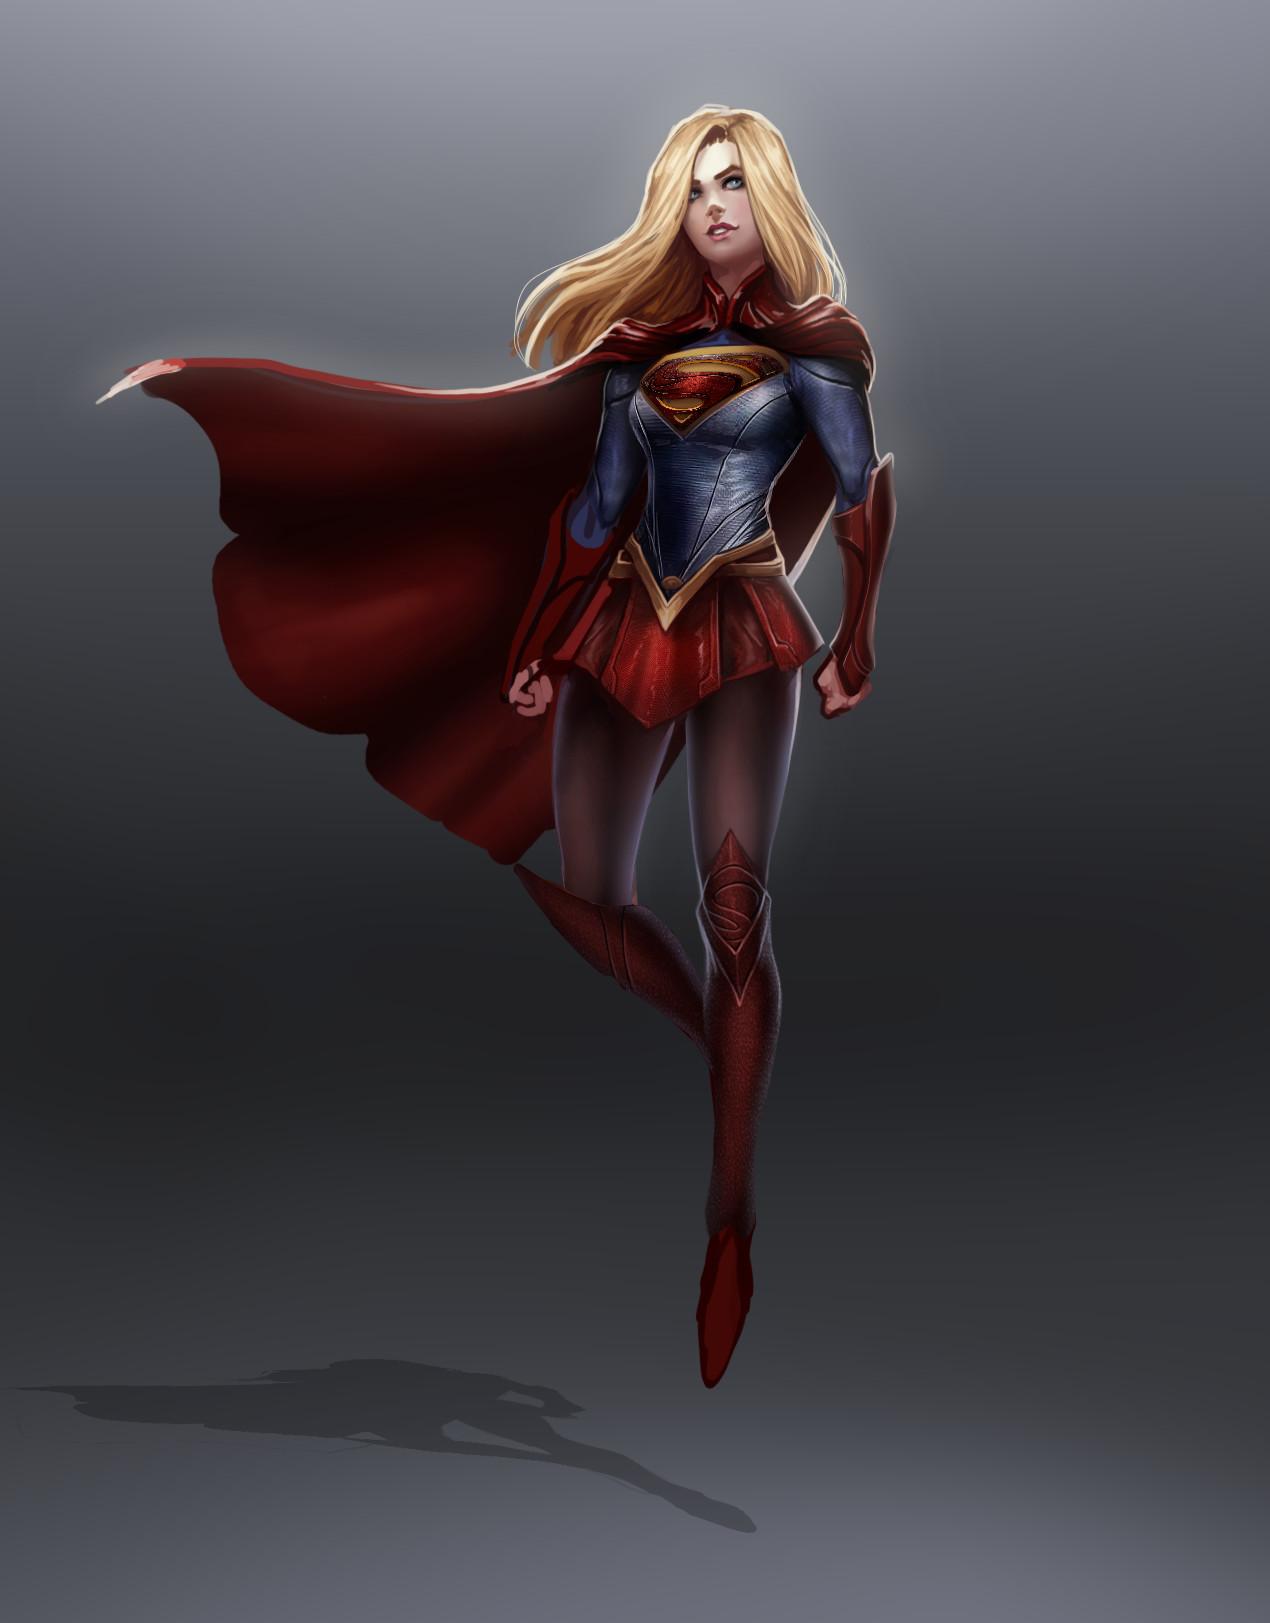 Thomas randby supergirl